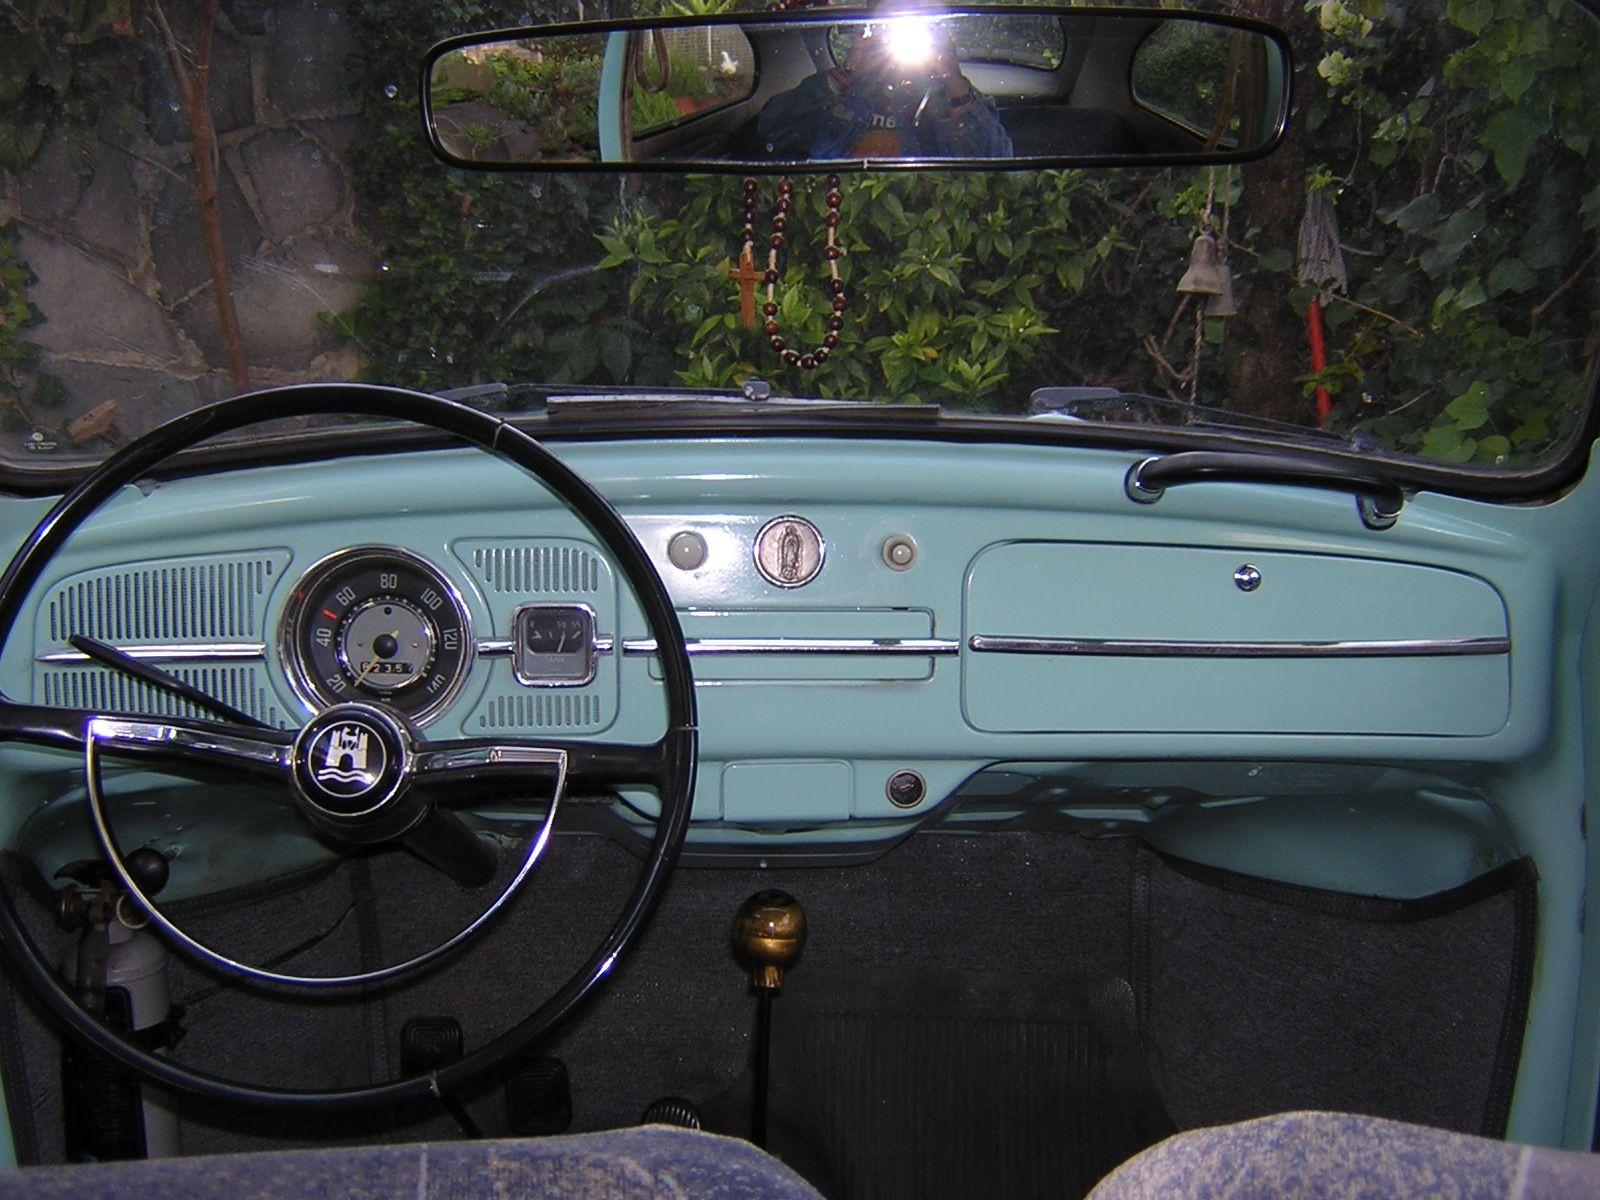 Volkswagen beetle vws pinterest volkswagen beetles and vw volkswagen beetle sciox Image collections